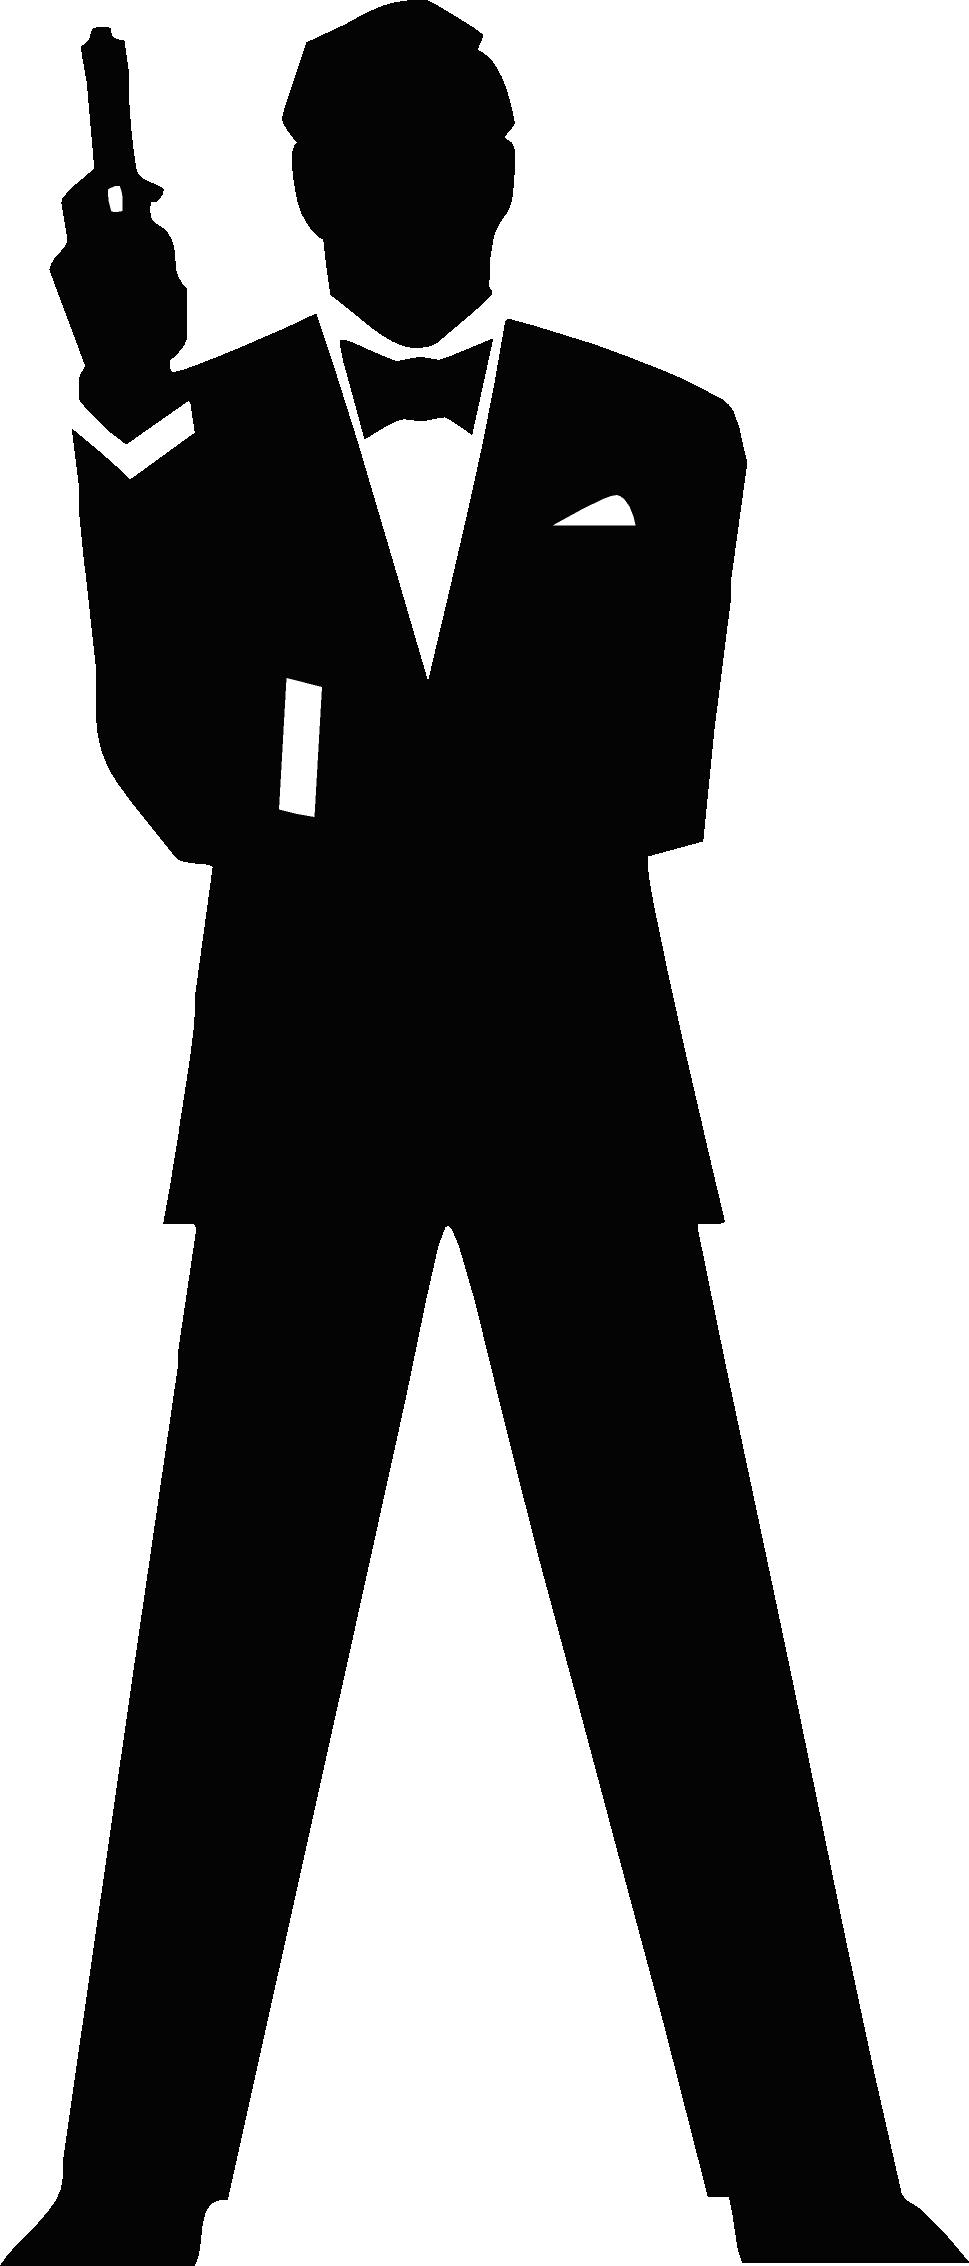 James bond silhouette b. Criminal clipart secret agent man